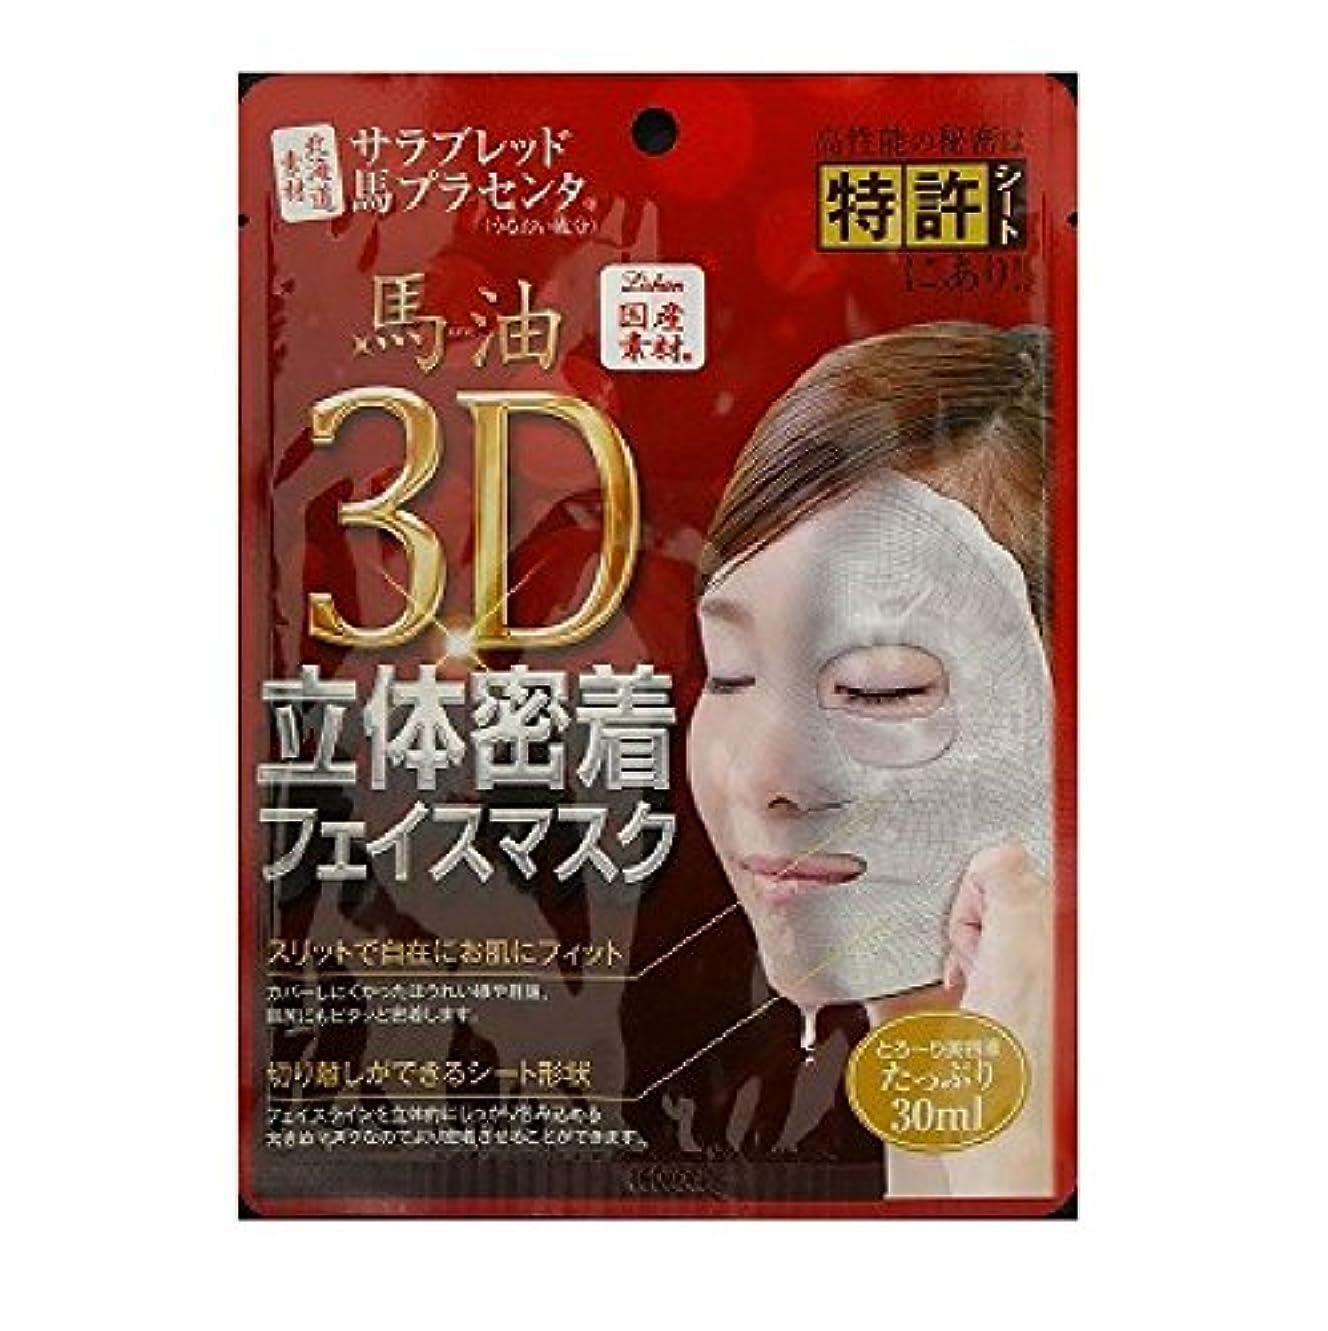 うまれた肉の閃光アイスタイル リシャン馬油3D立体密着フェイスマスク無香料 1枚入り